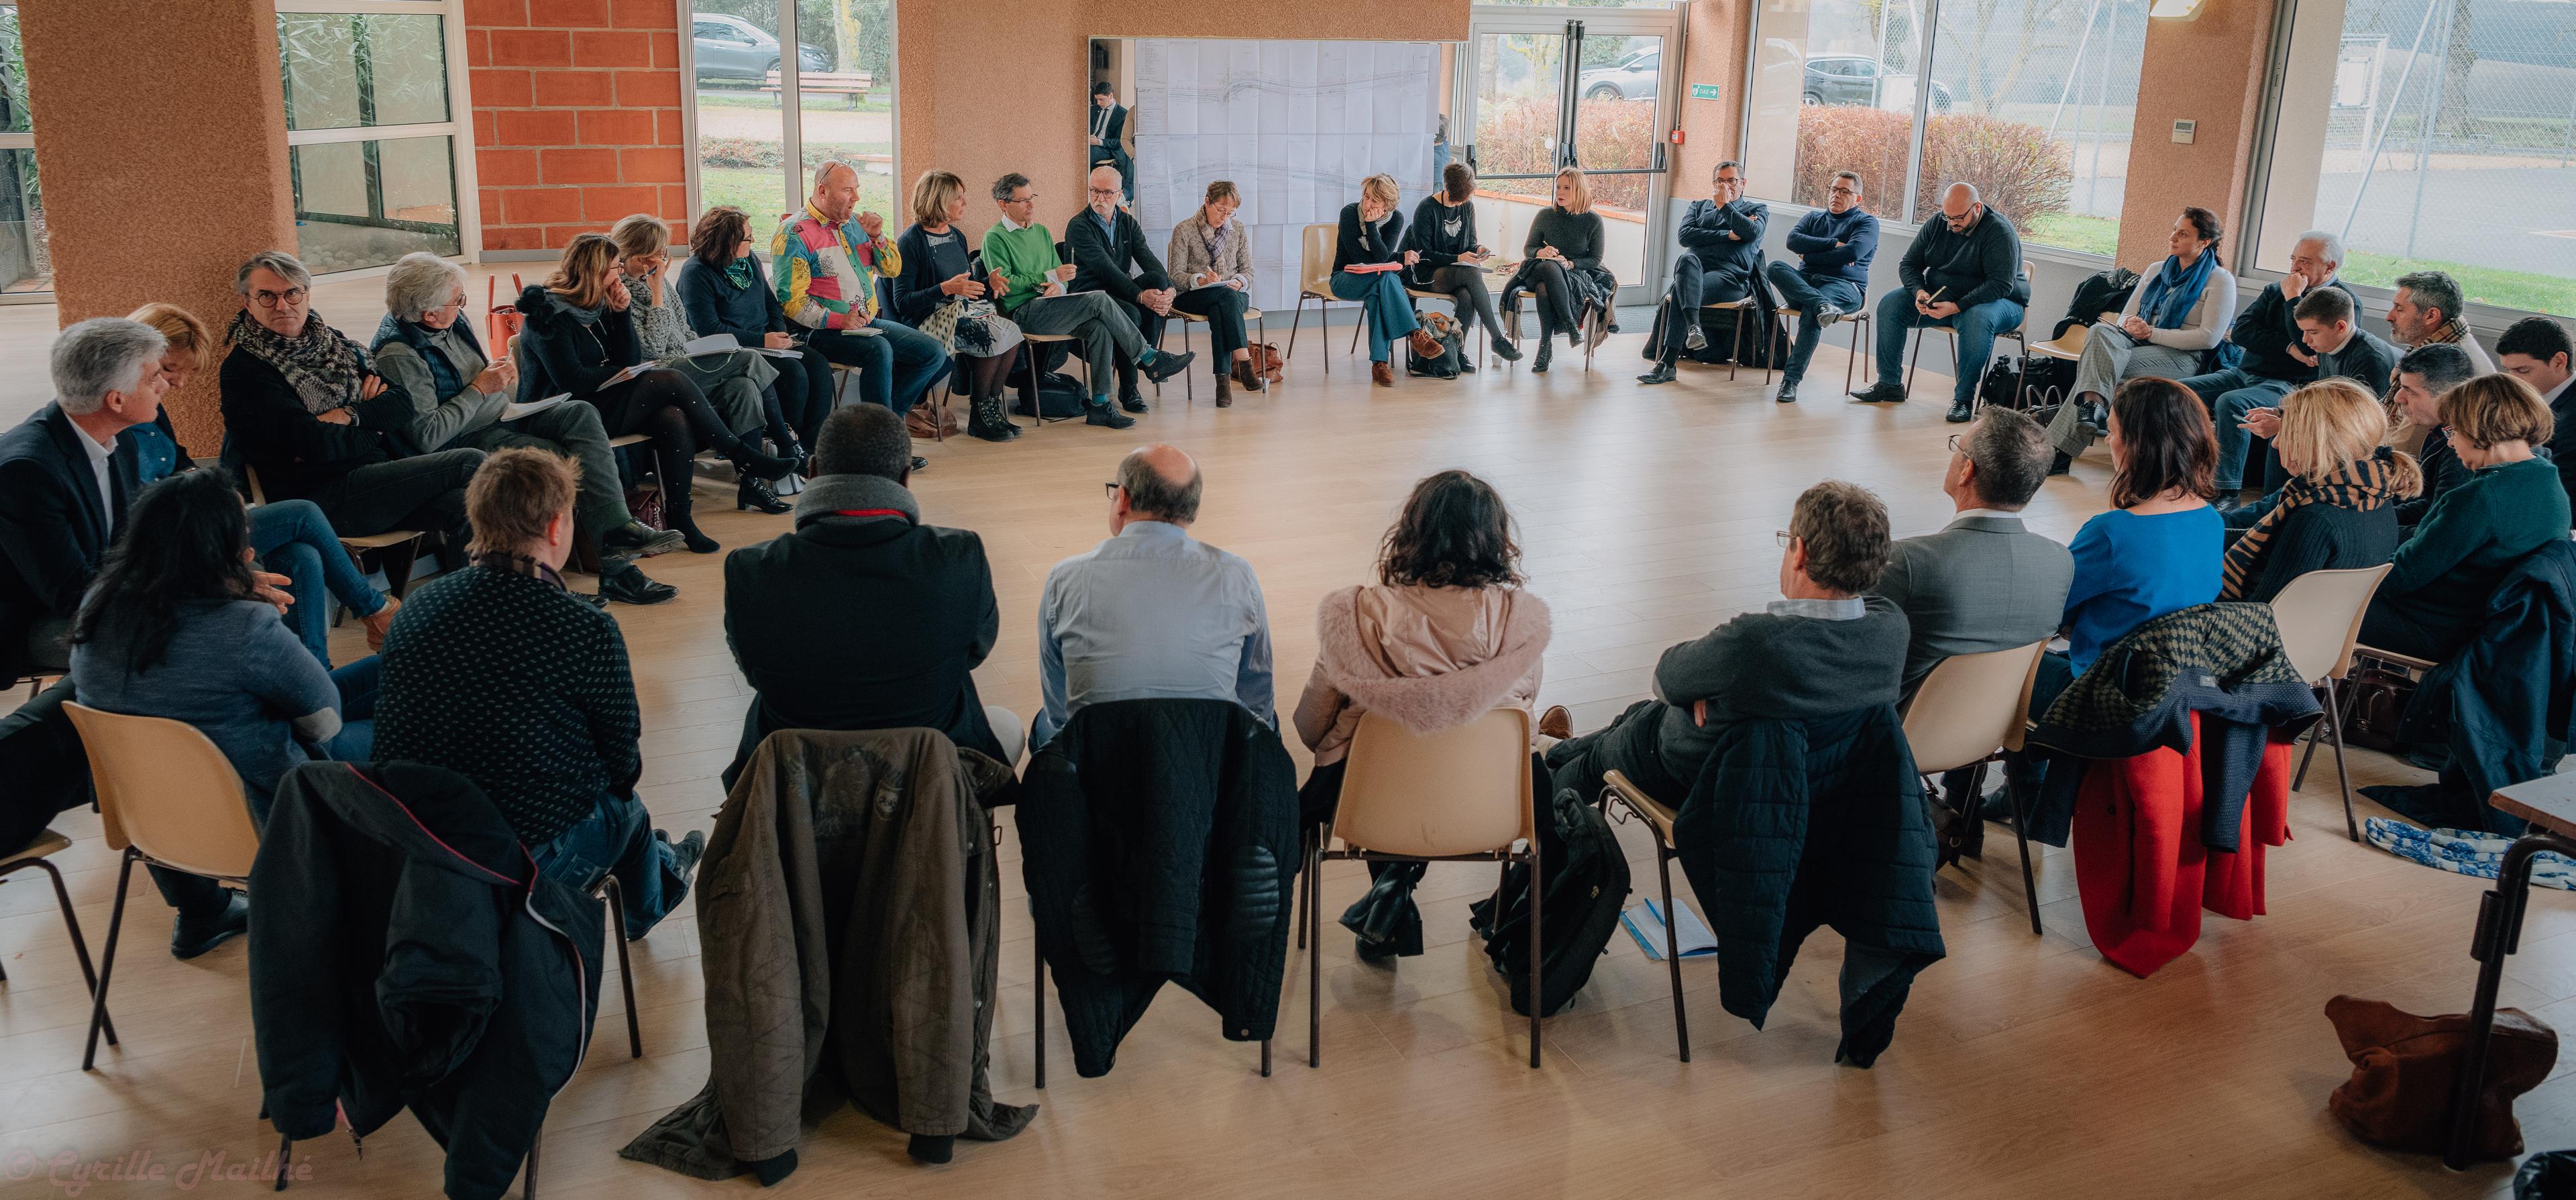 Atelier pédagogique Mobilités du 9 février 2019